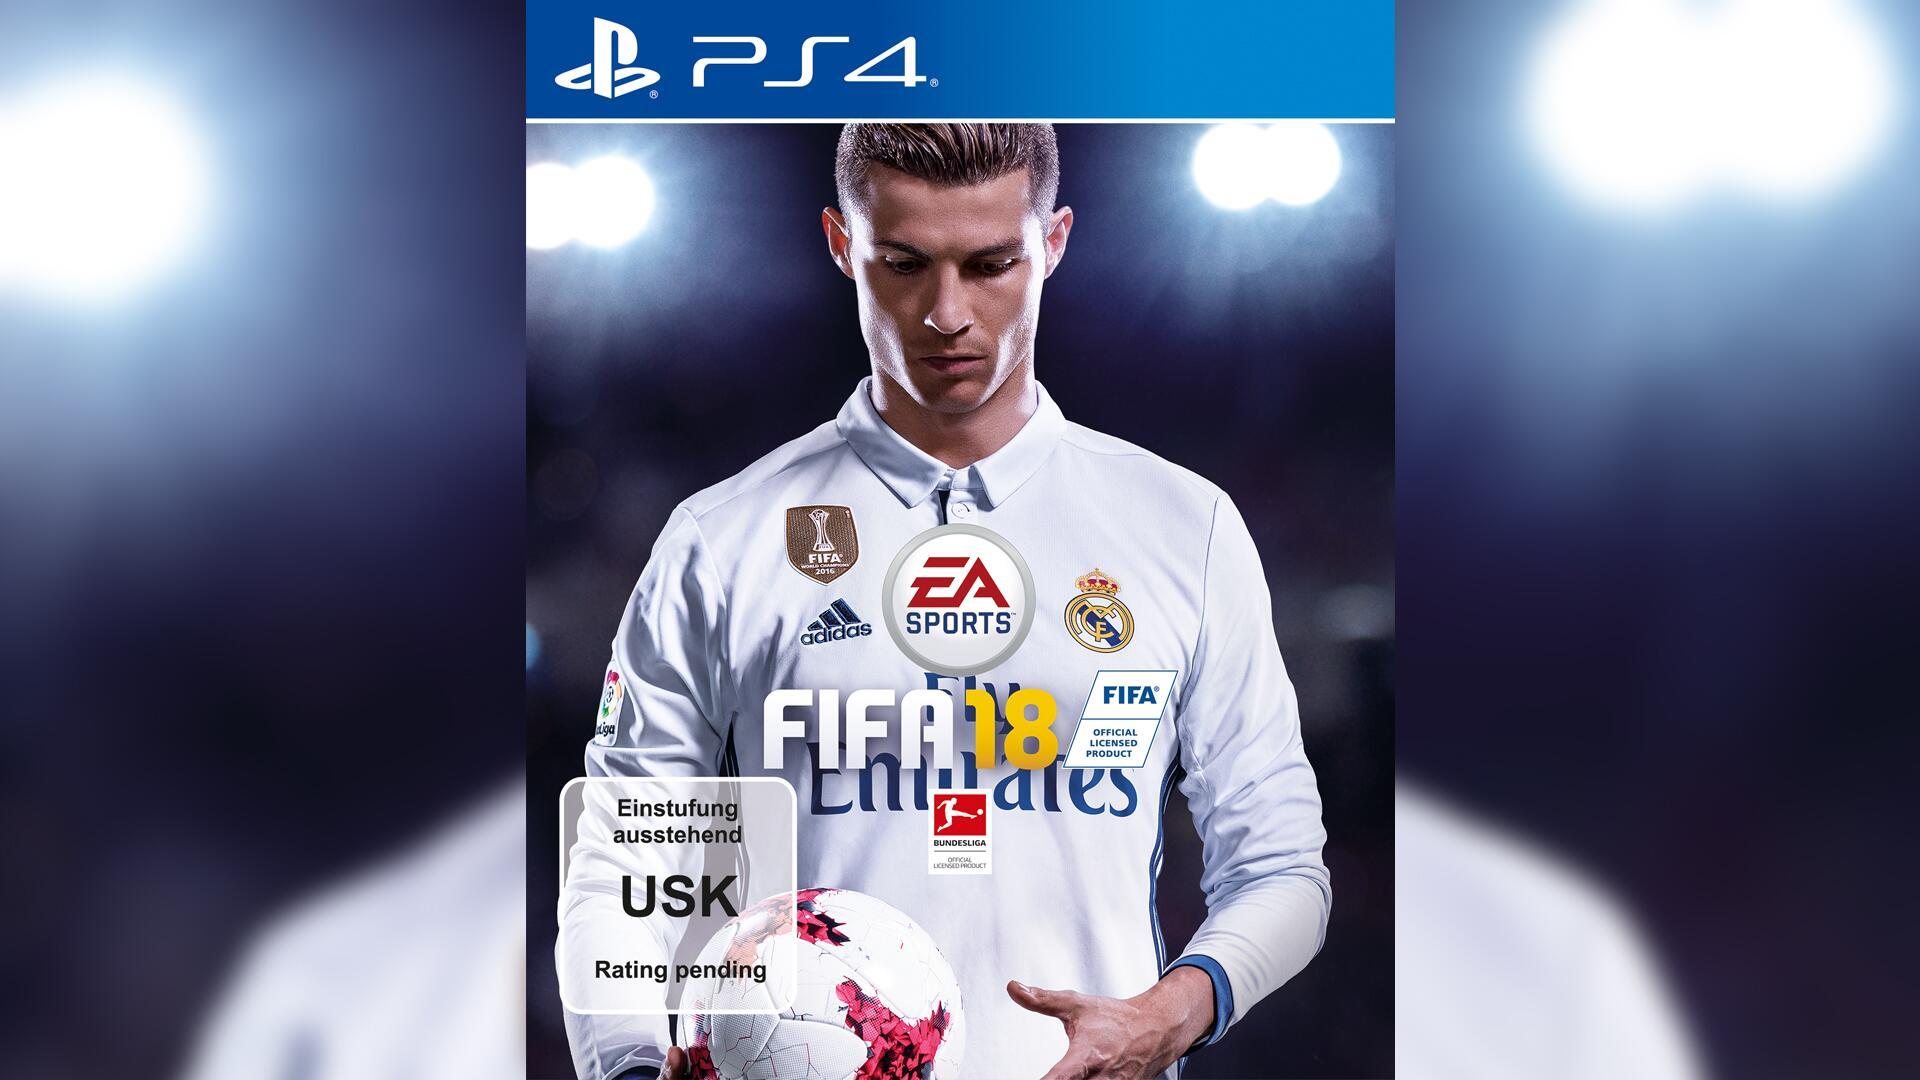 Bild zu FIFA 18, Cristiano Ronaldo, EA Sports